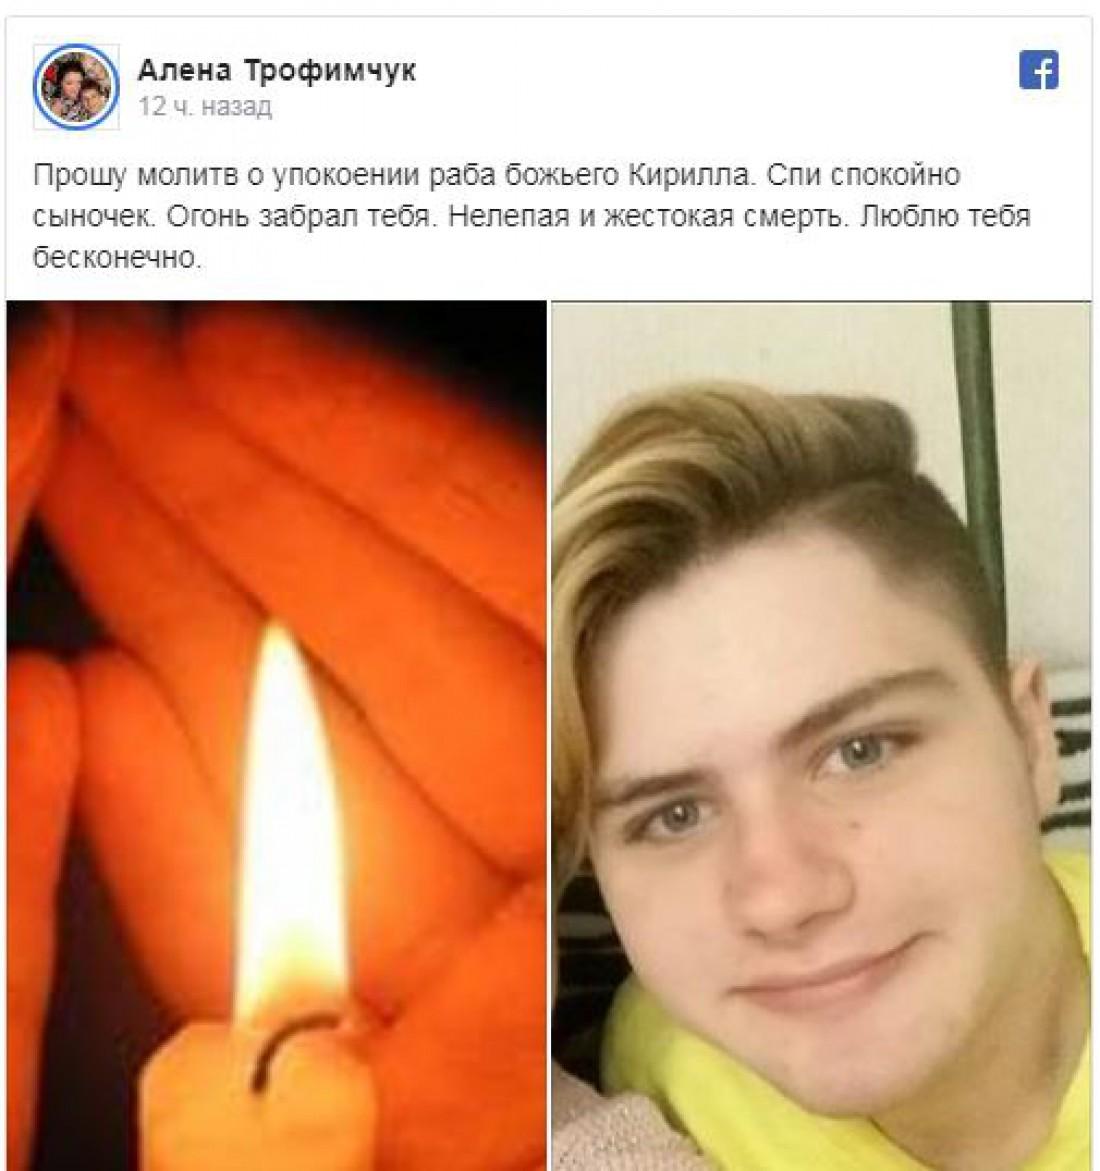 Ранее Илья, старший брат погибшего Кирилла, также умер в 16-летнем возрасте